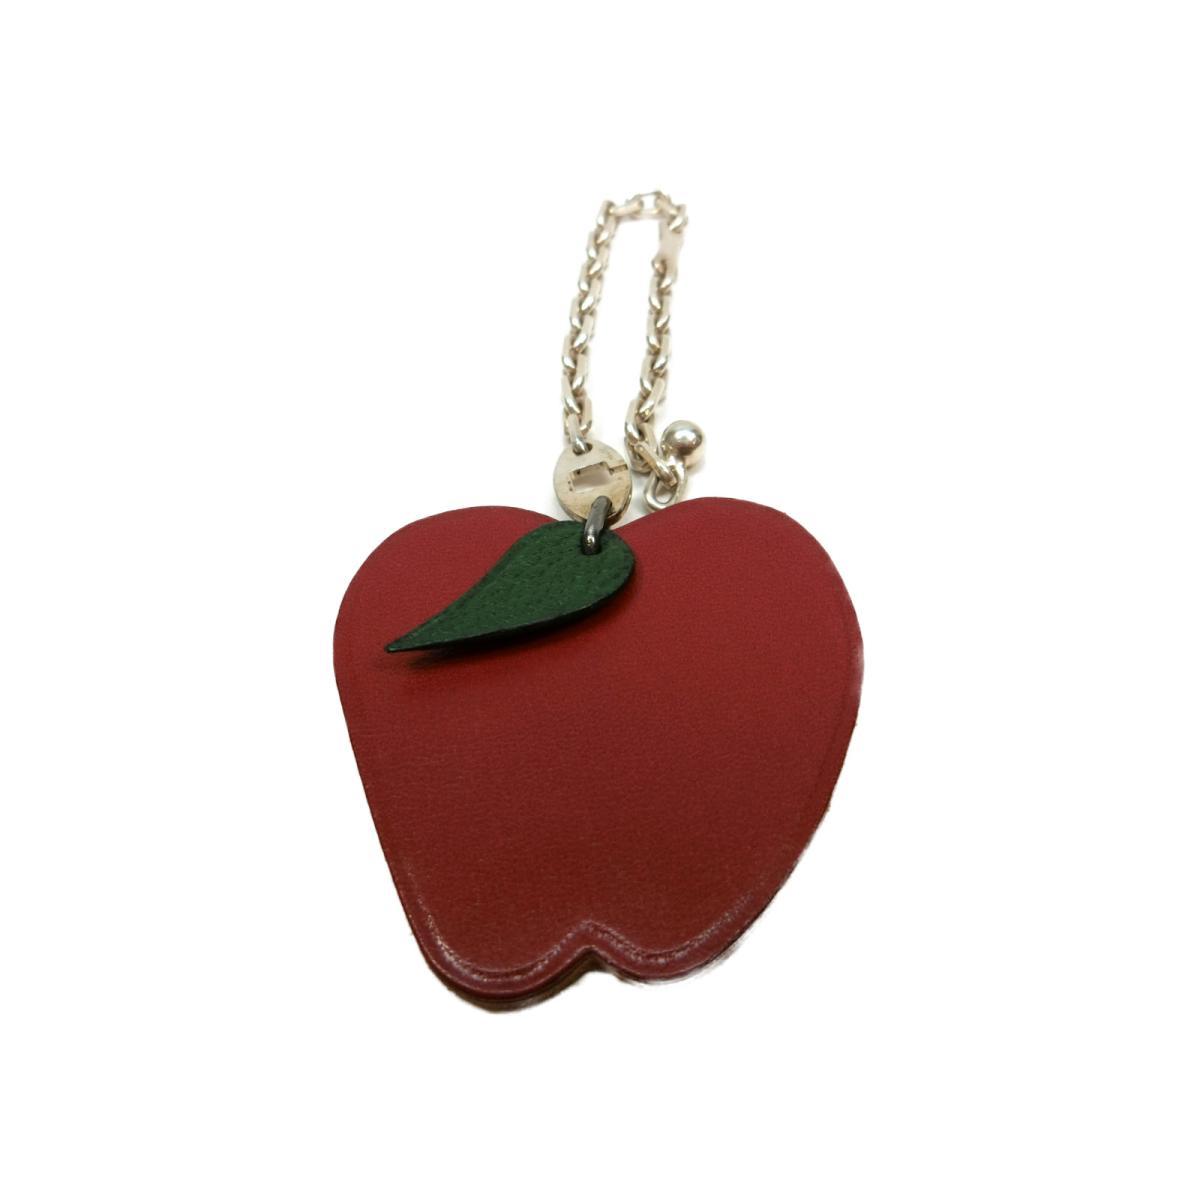 リンゴモチーフ キーホルダー/りんご 林檎 キーホルダー